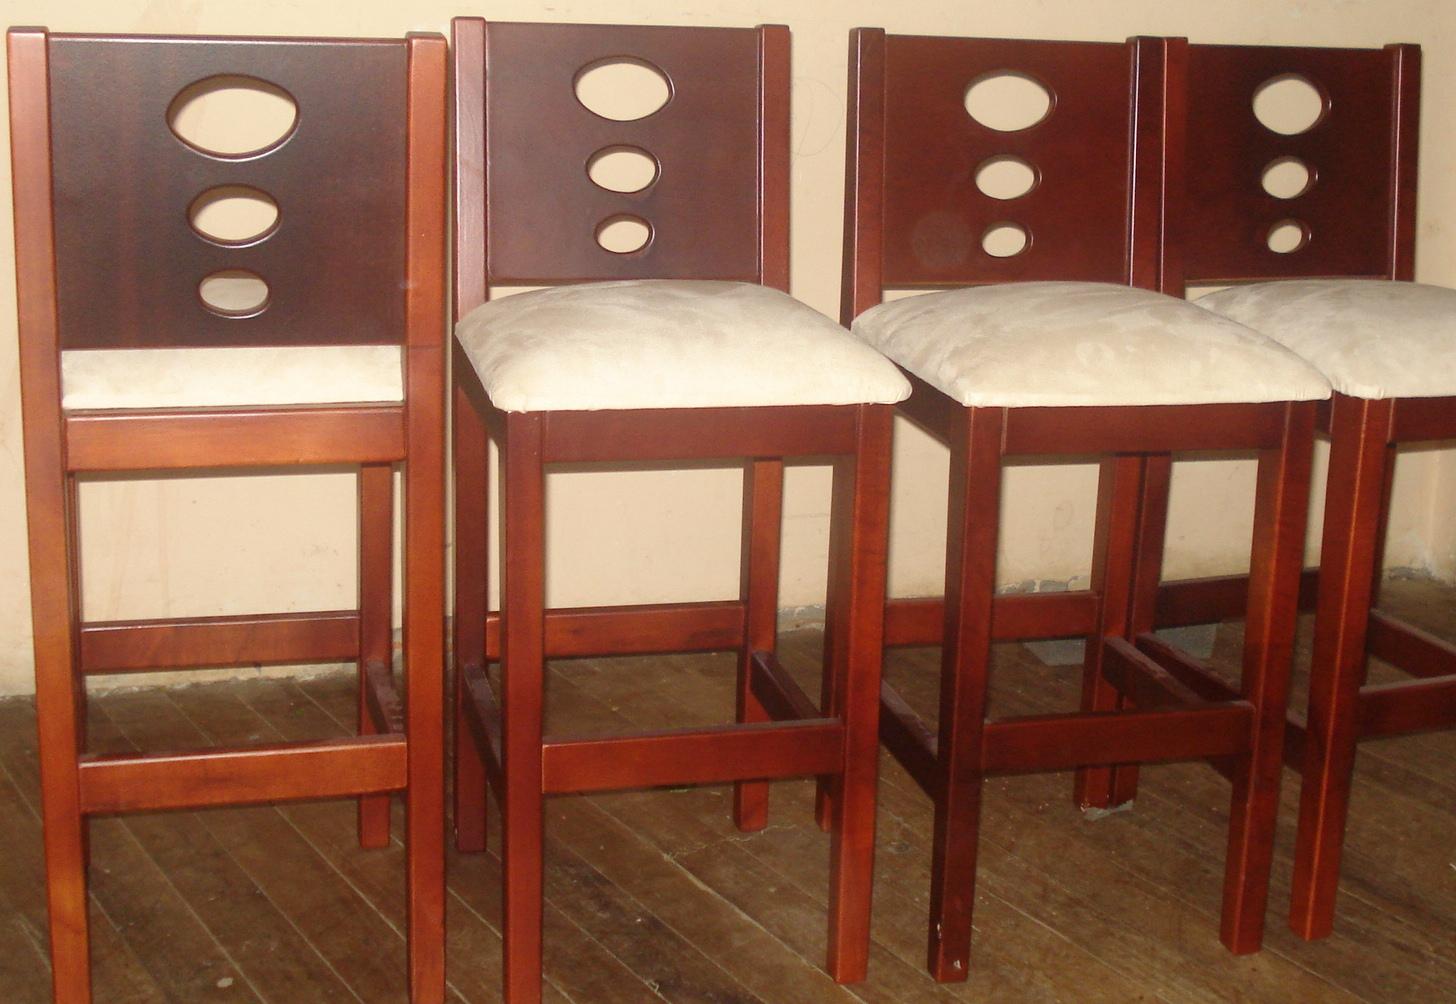 Sociedad decorativa en maderas muebles para su hogar for Sillas para desayunador